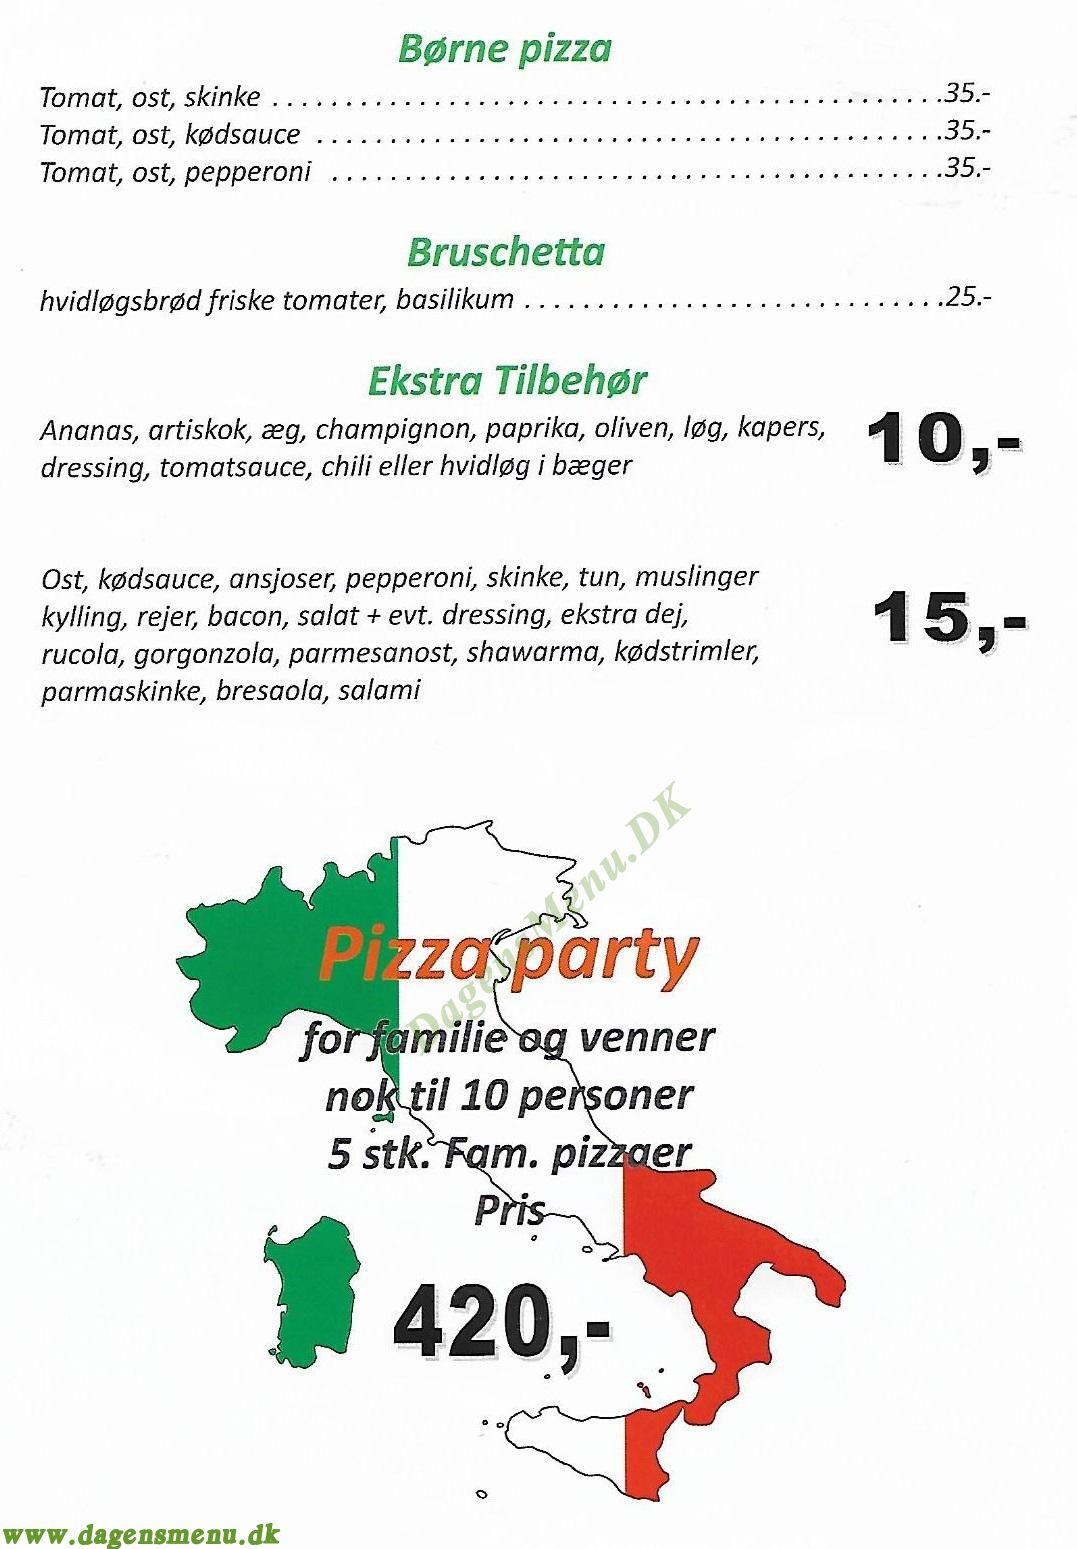 Pizzeria Pescara - Menukort